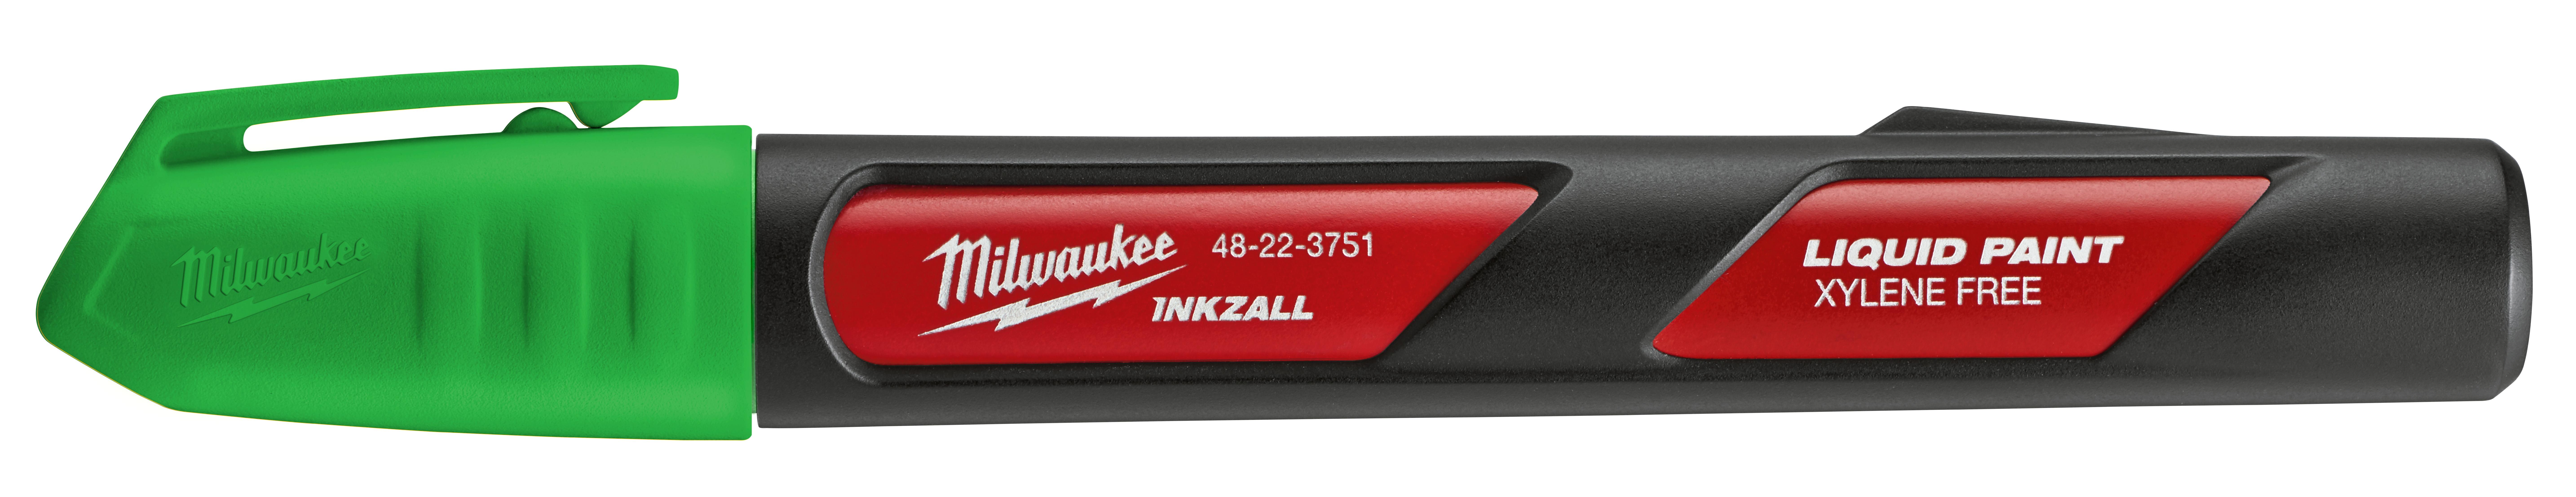 Milwaukee 48-22-3751 INKZALL™ Green Paint Marker (12)